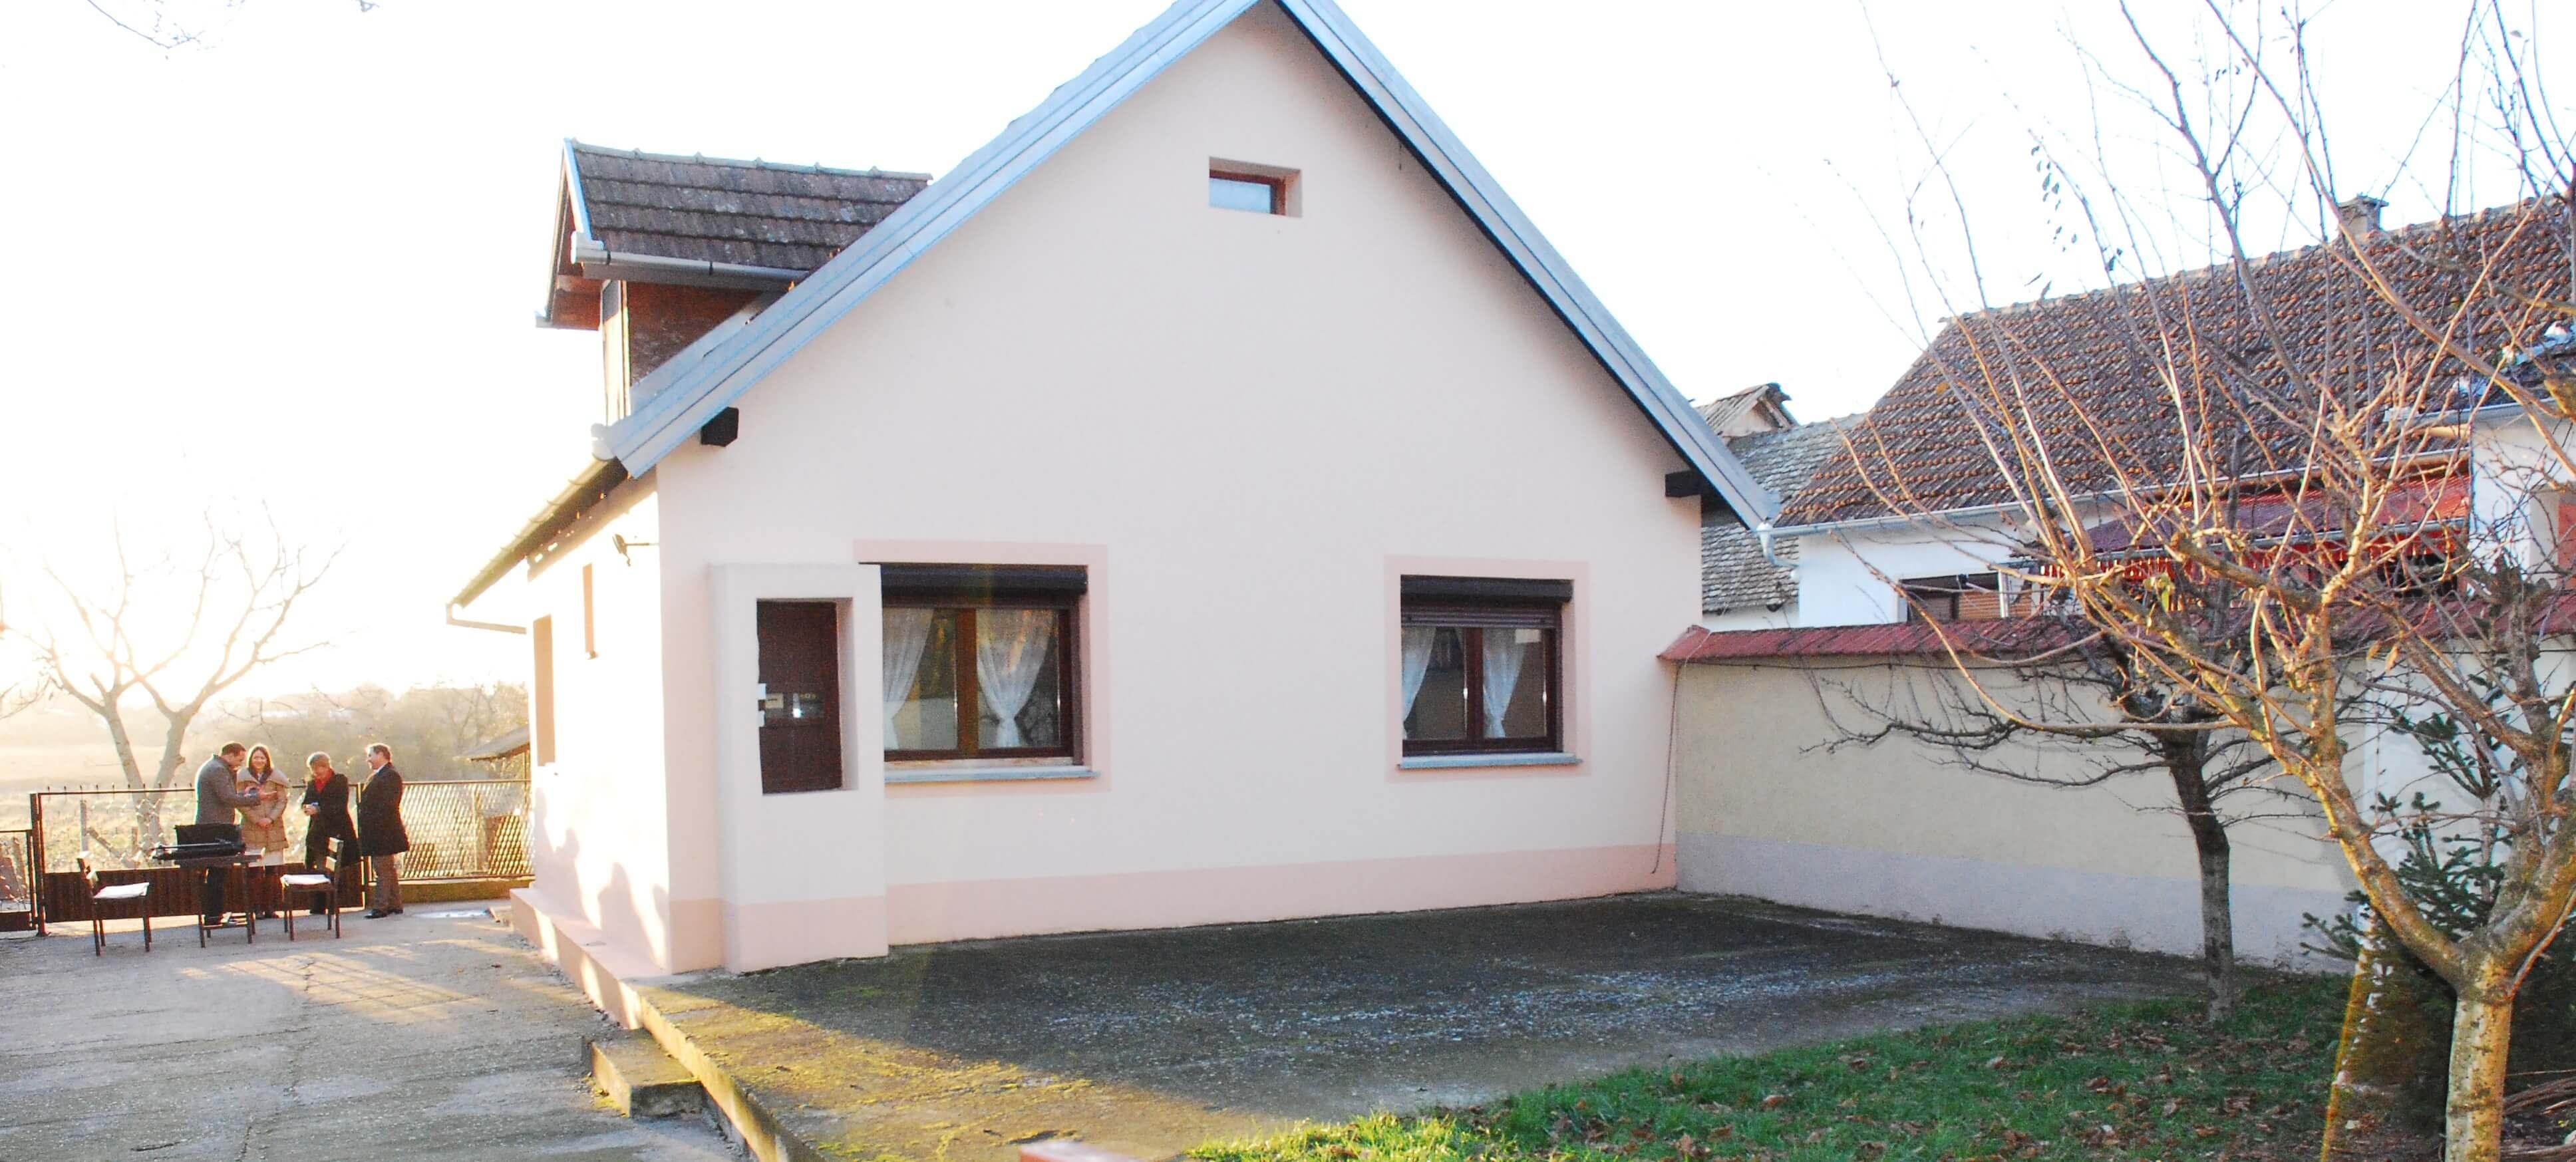 Кућа породице Миланко у Риђици купљена средствима добијеним на конкурсу